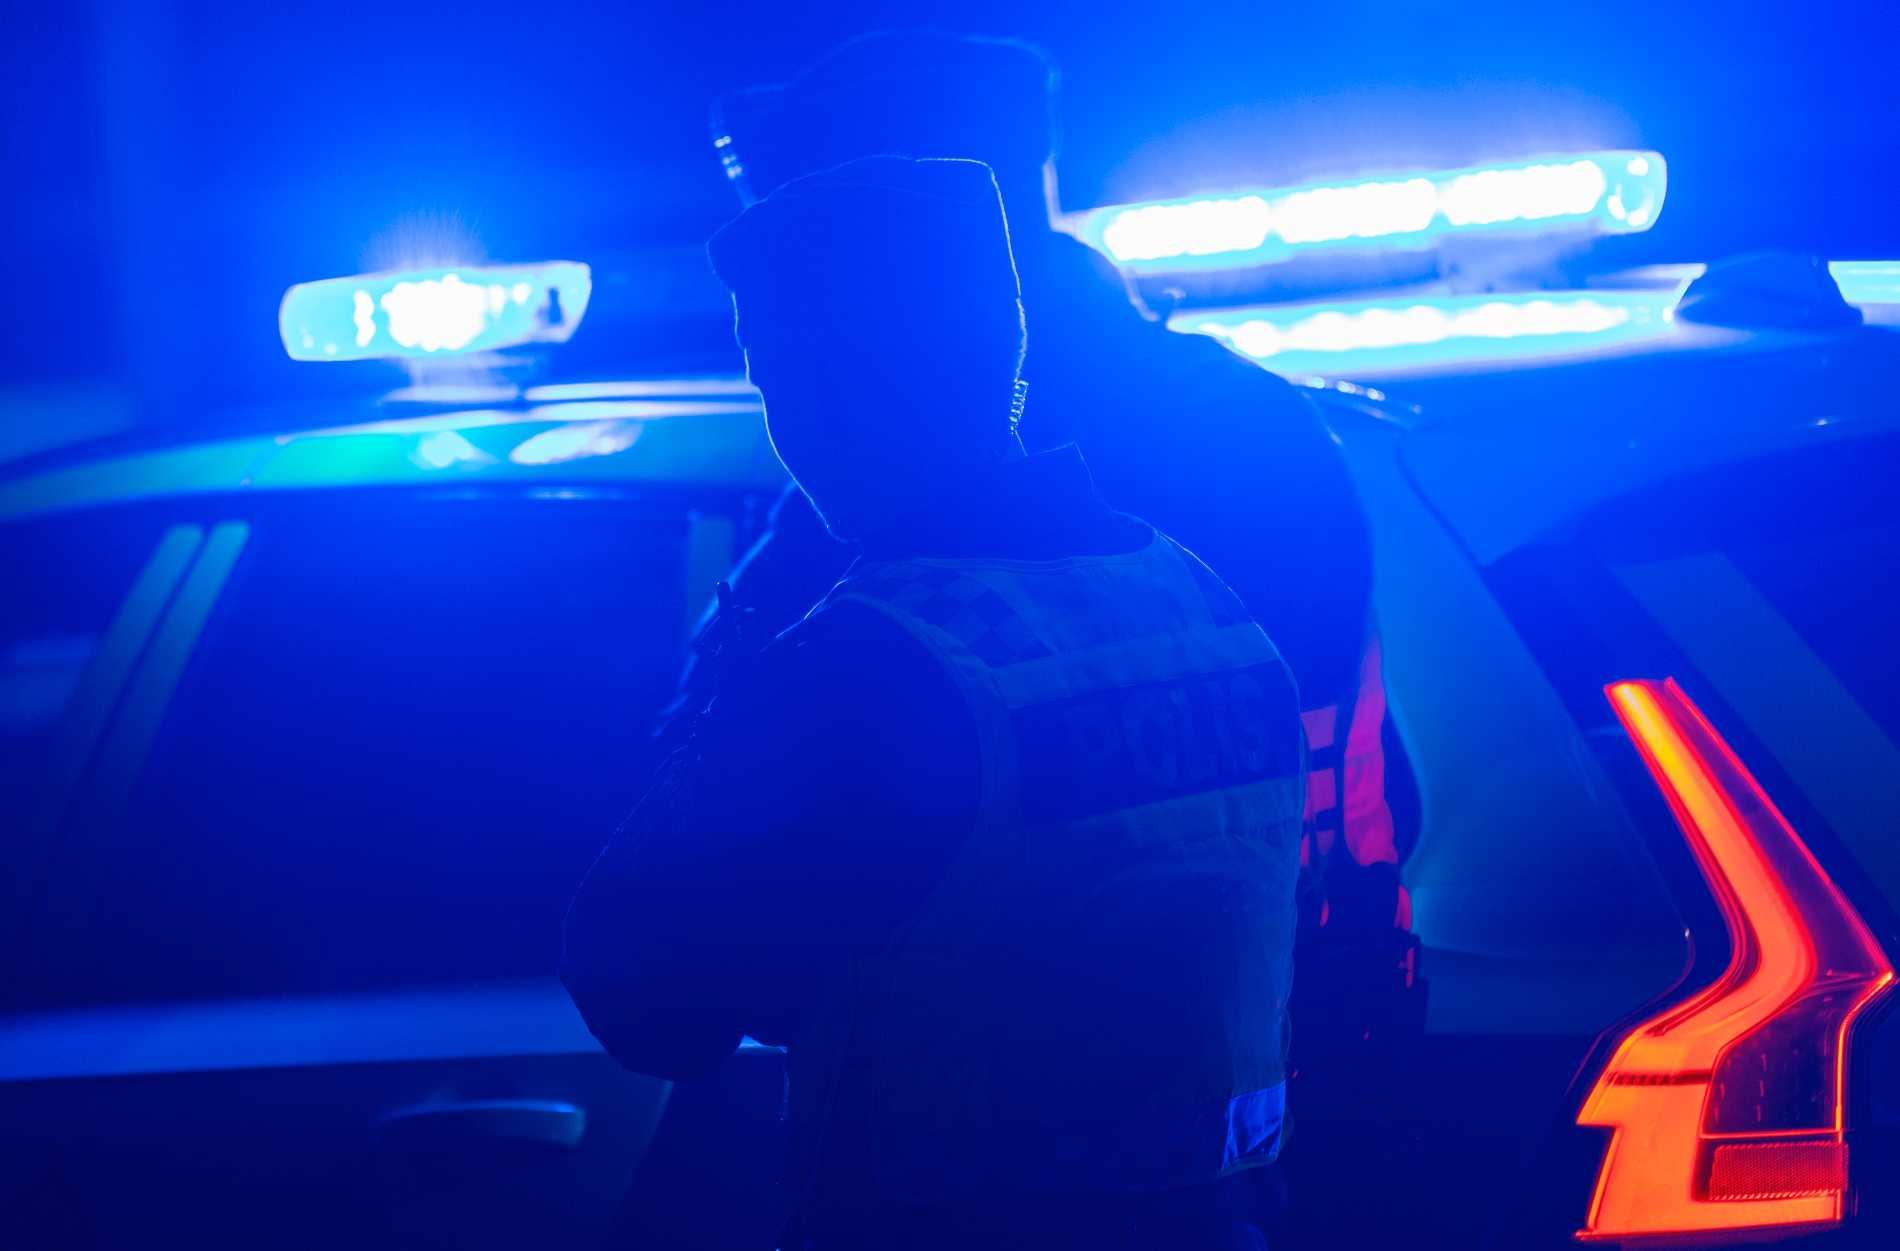 Polisen i Härnösand har fått stänga av flera parkeringar efter det att ett större antal personer samlats där och stört ordningen. Arkivbild.